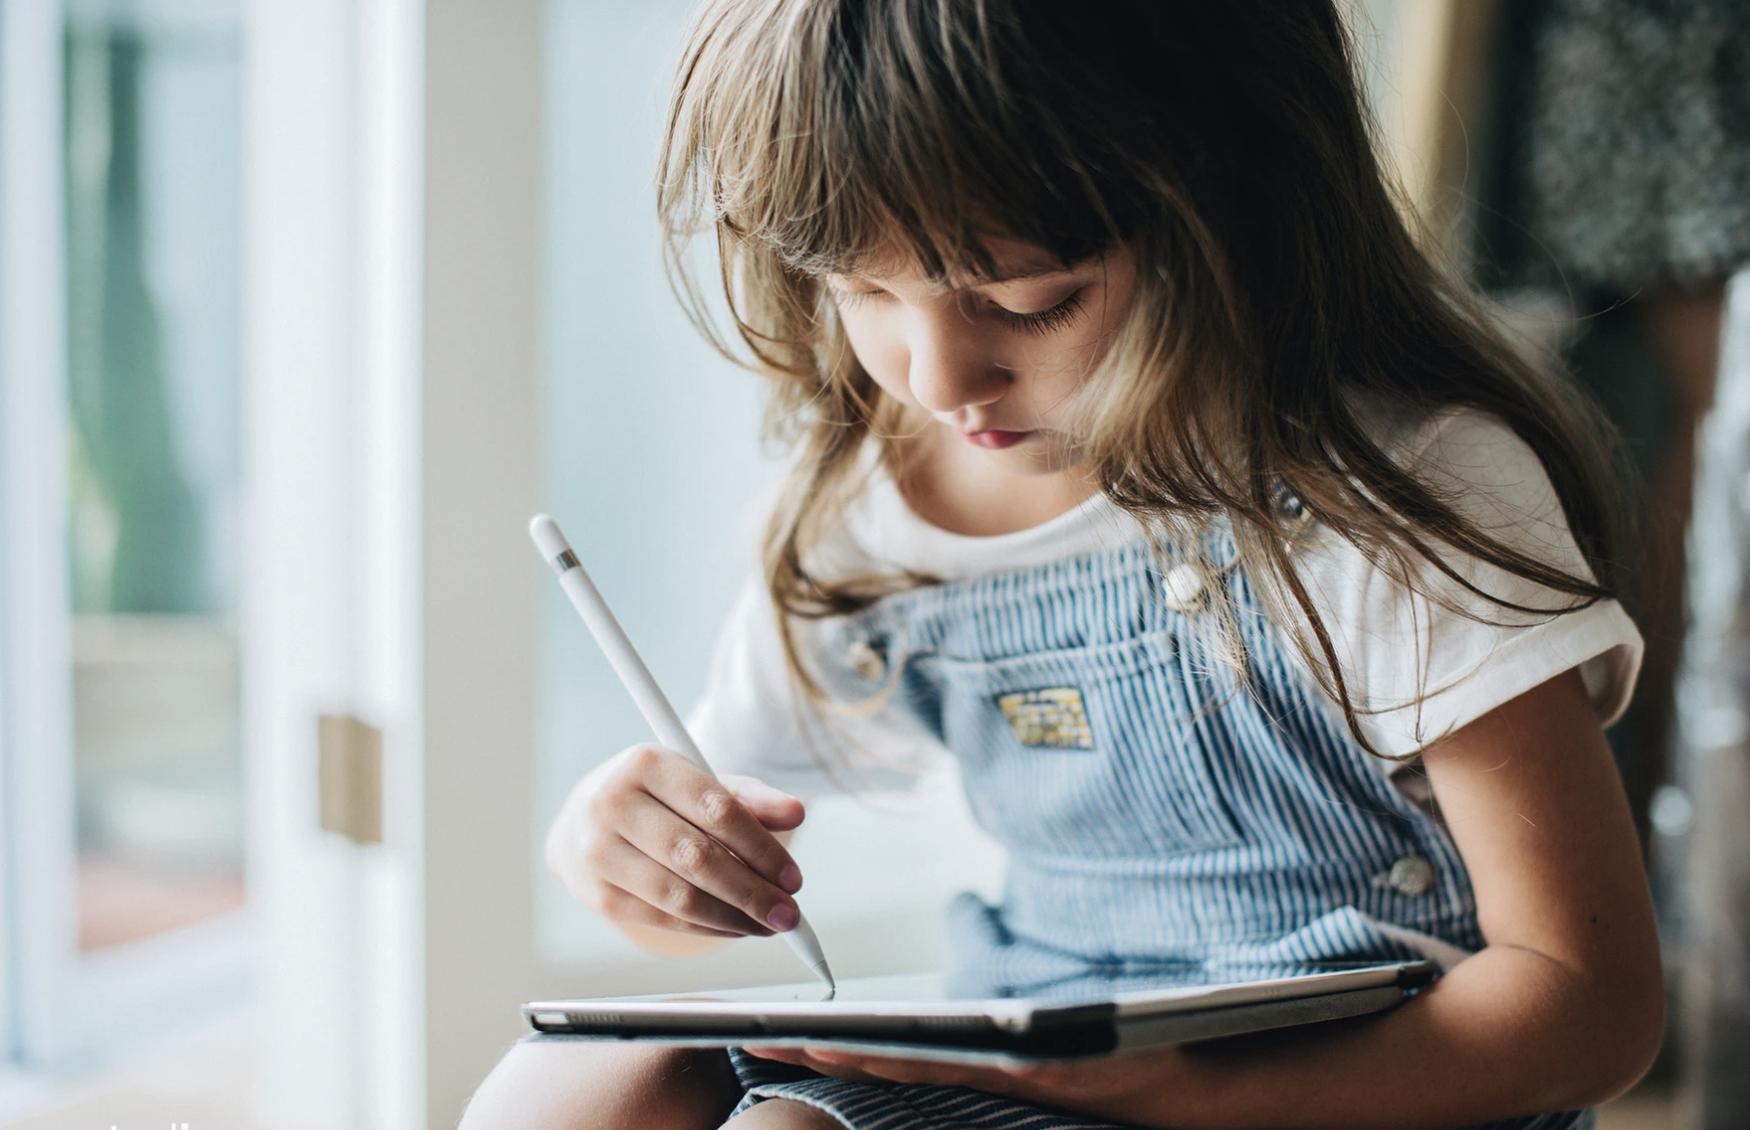 Meisje die in bij het raam op har iPad aan het tekenen is.